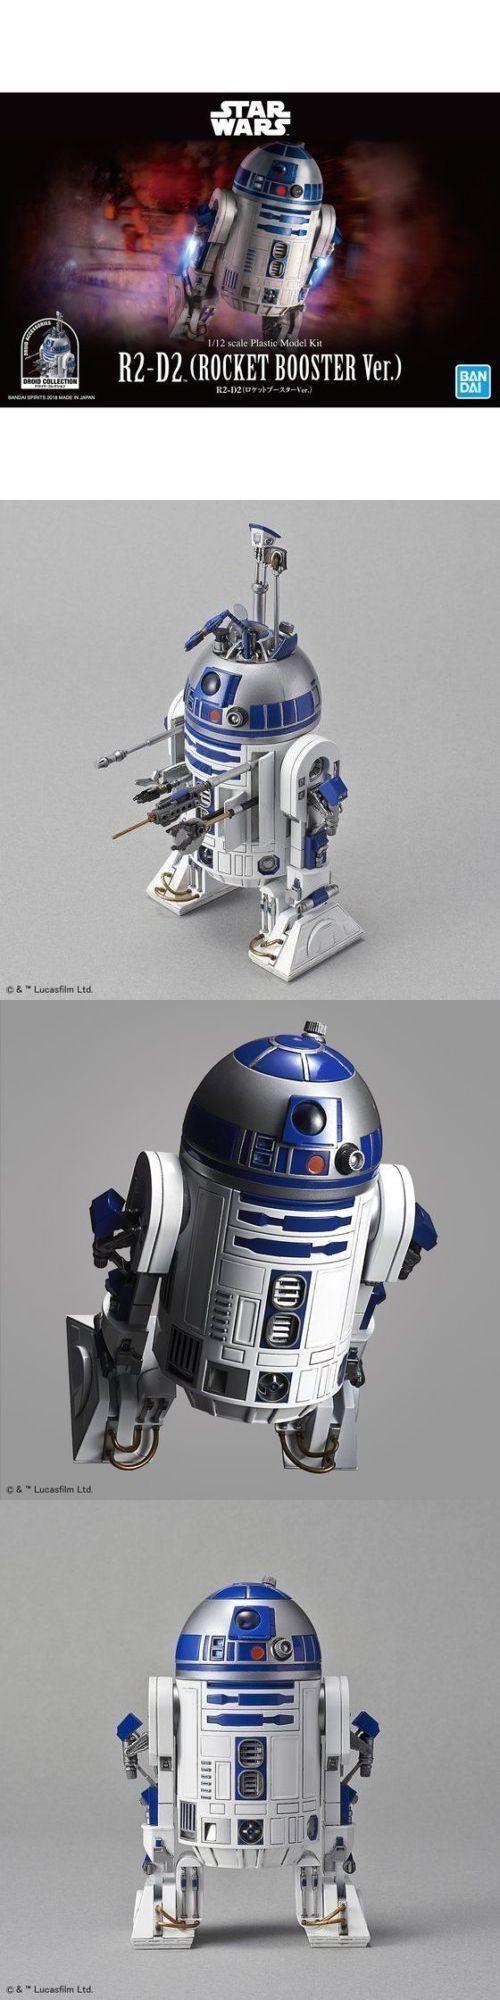 Models and Kits 1188: Bandai Star Wars R2-D2 (R2d2) Rocket Booster